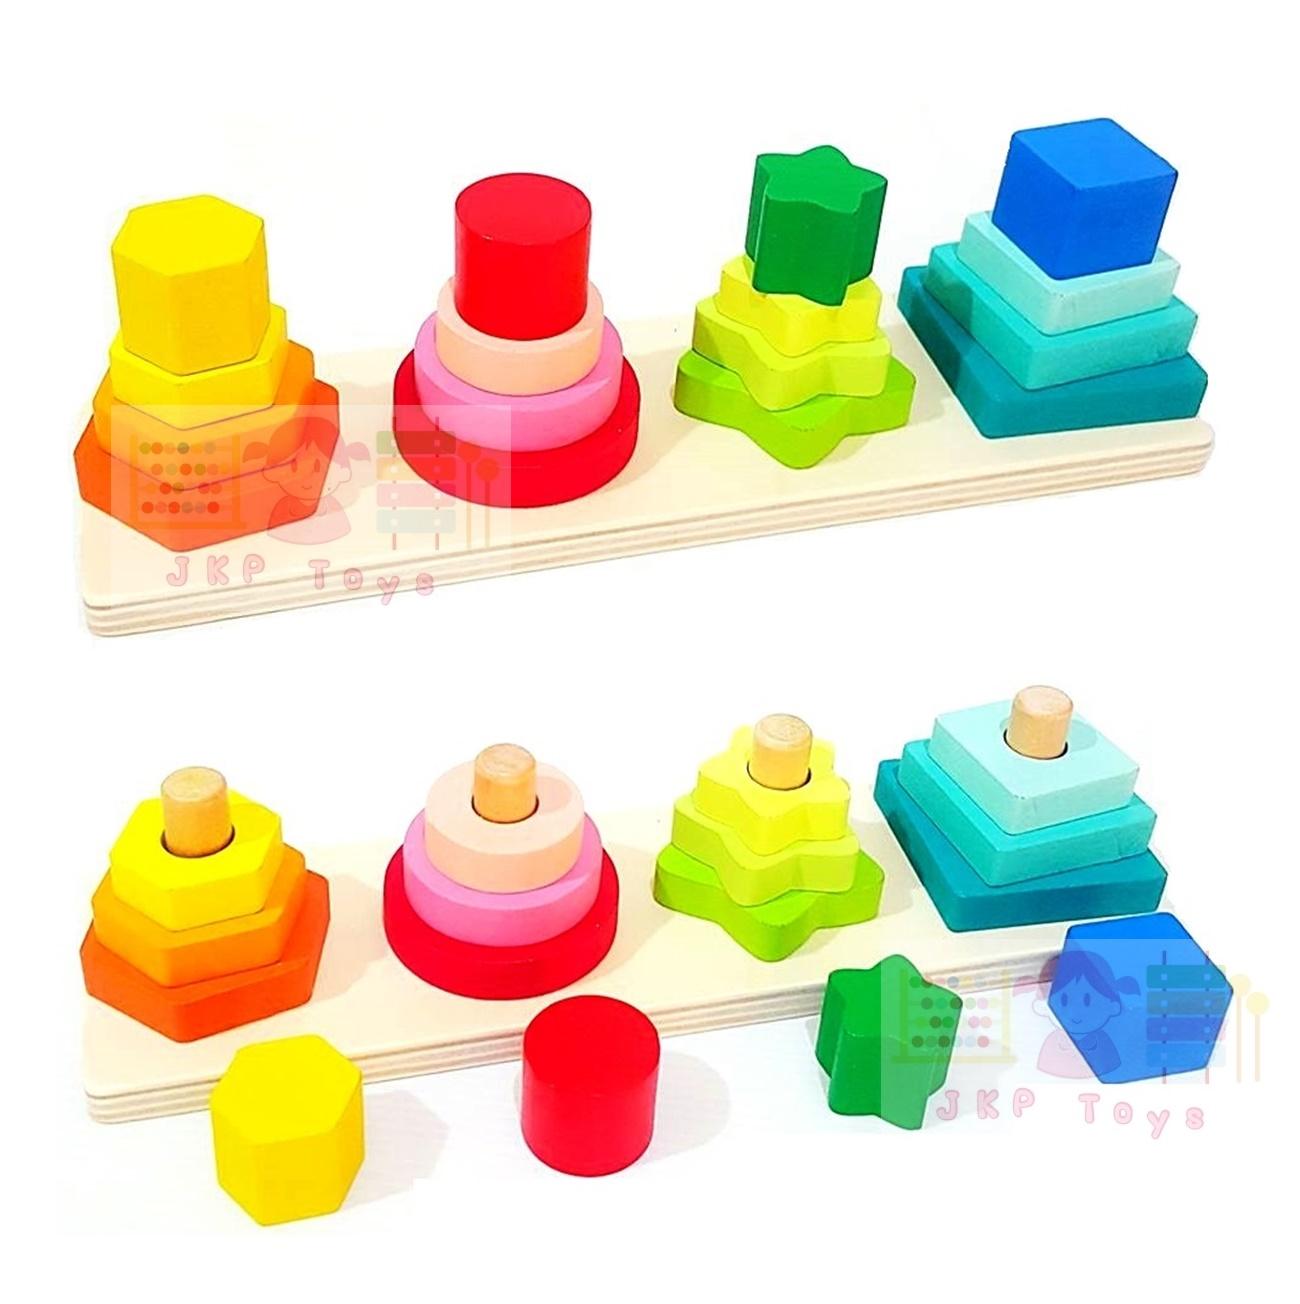 ของเล่นไม้ เสริมสร้างการเรียนรู้สวมหลักรูปทรงเรขาคณิต สอนสีเเละรูปทรง